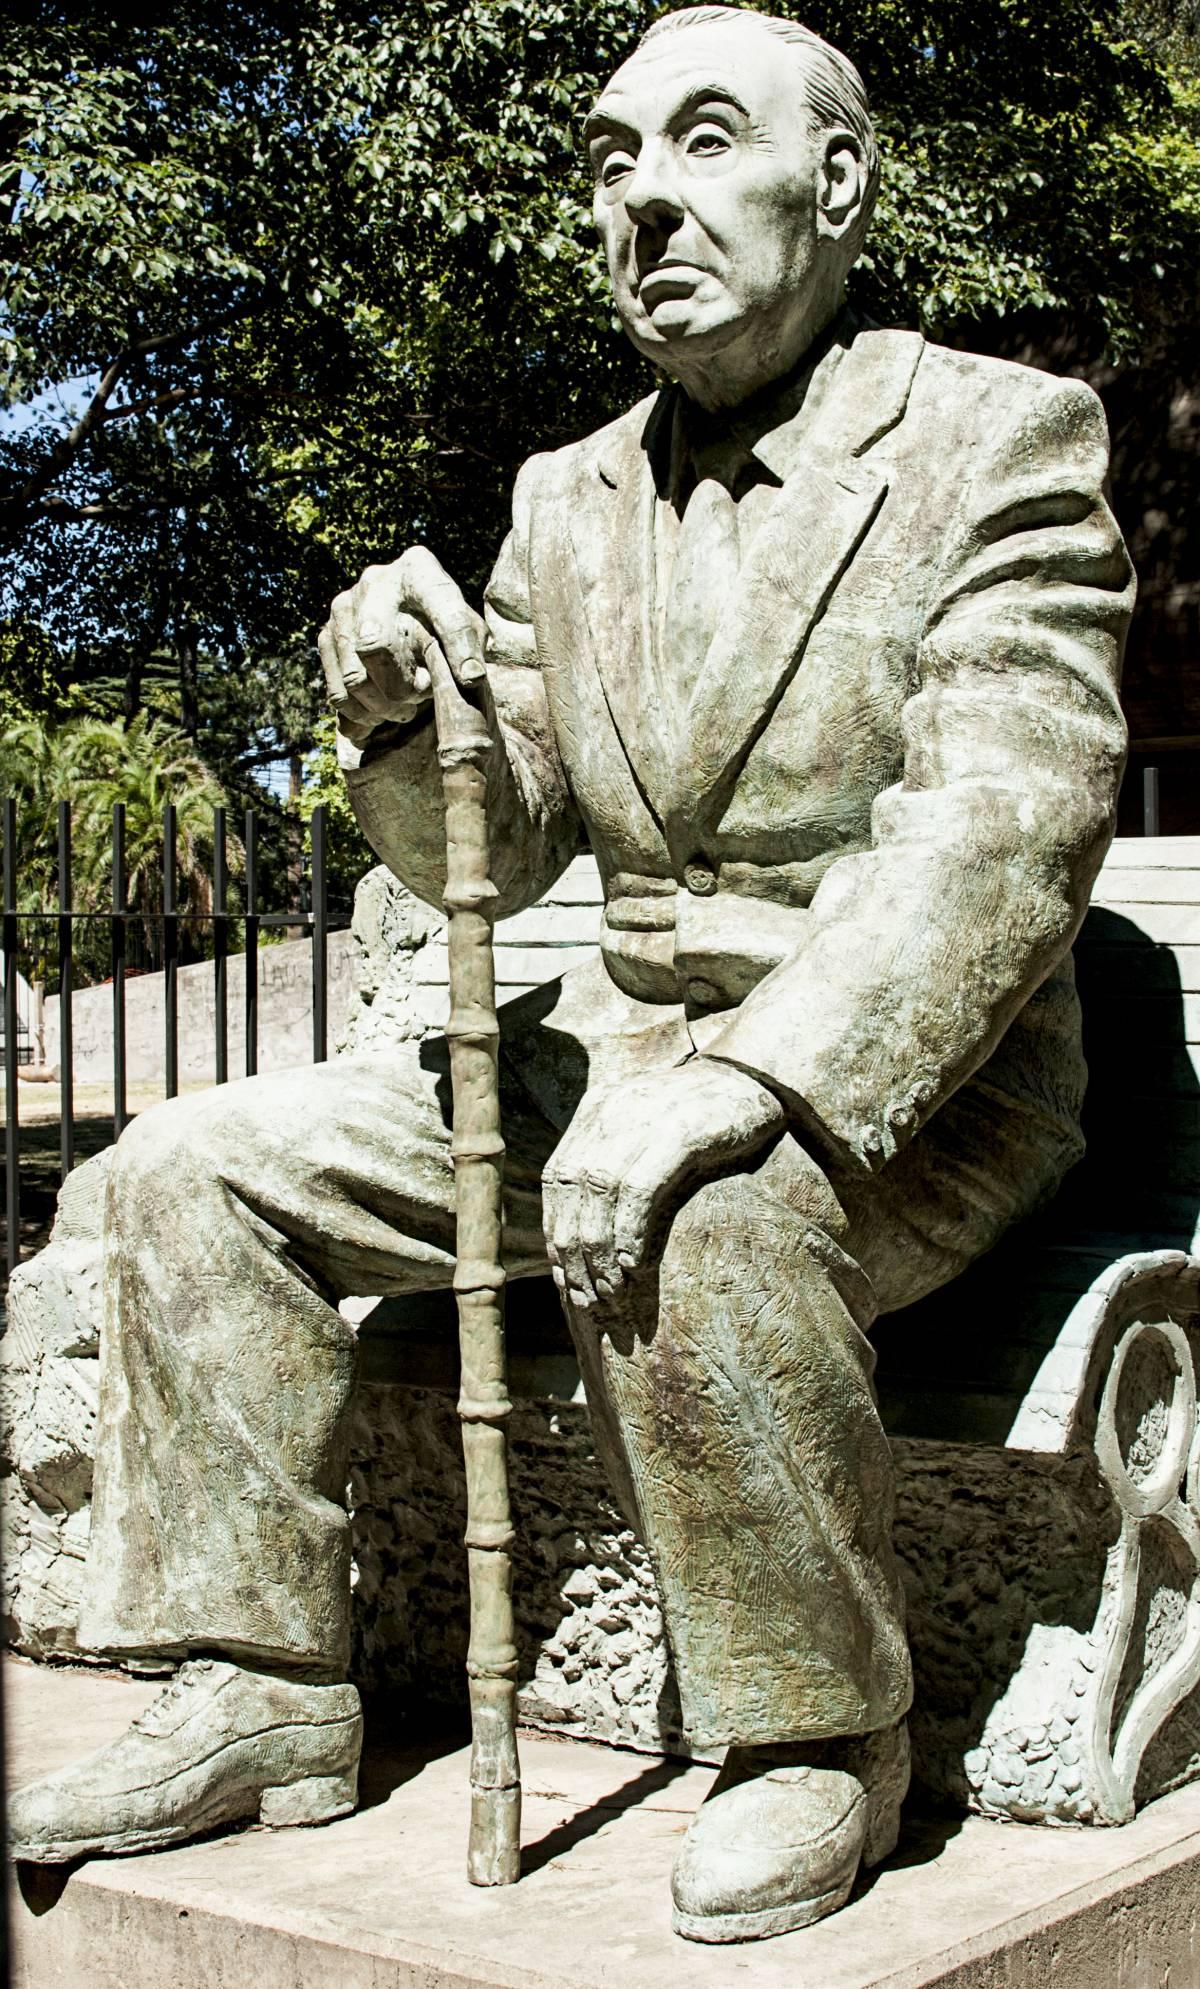 Borges e l'abbozzo di suicidio che gli regalò una nuova vita